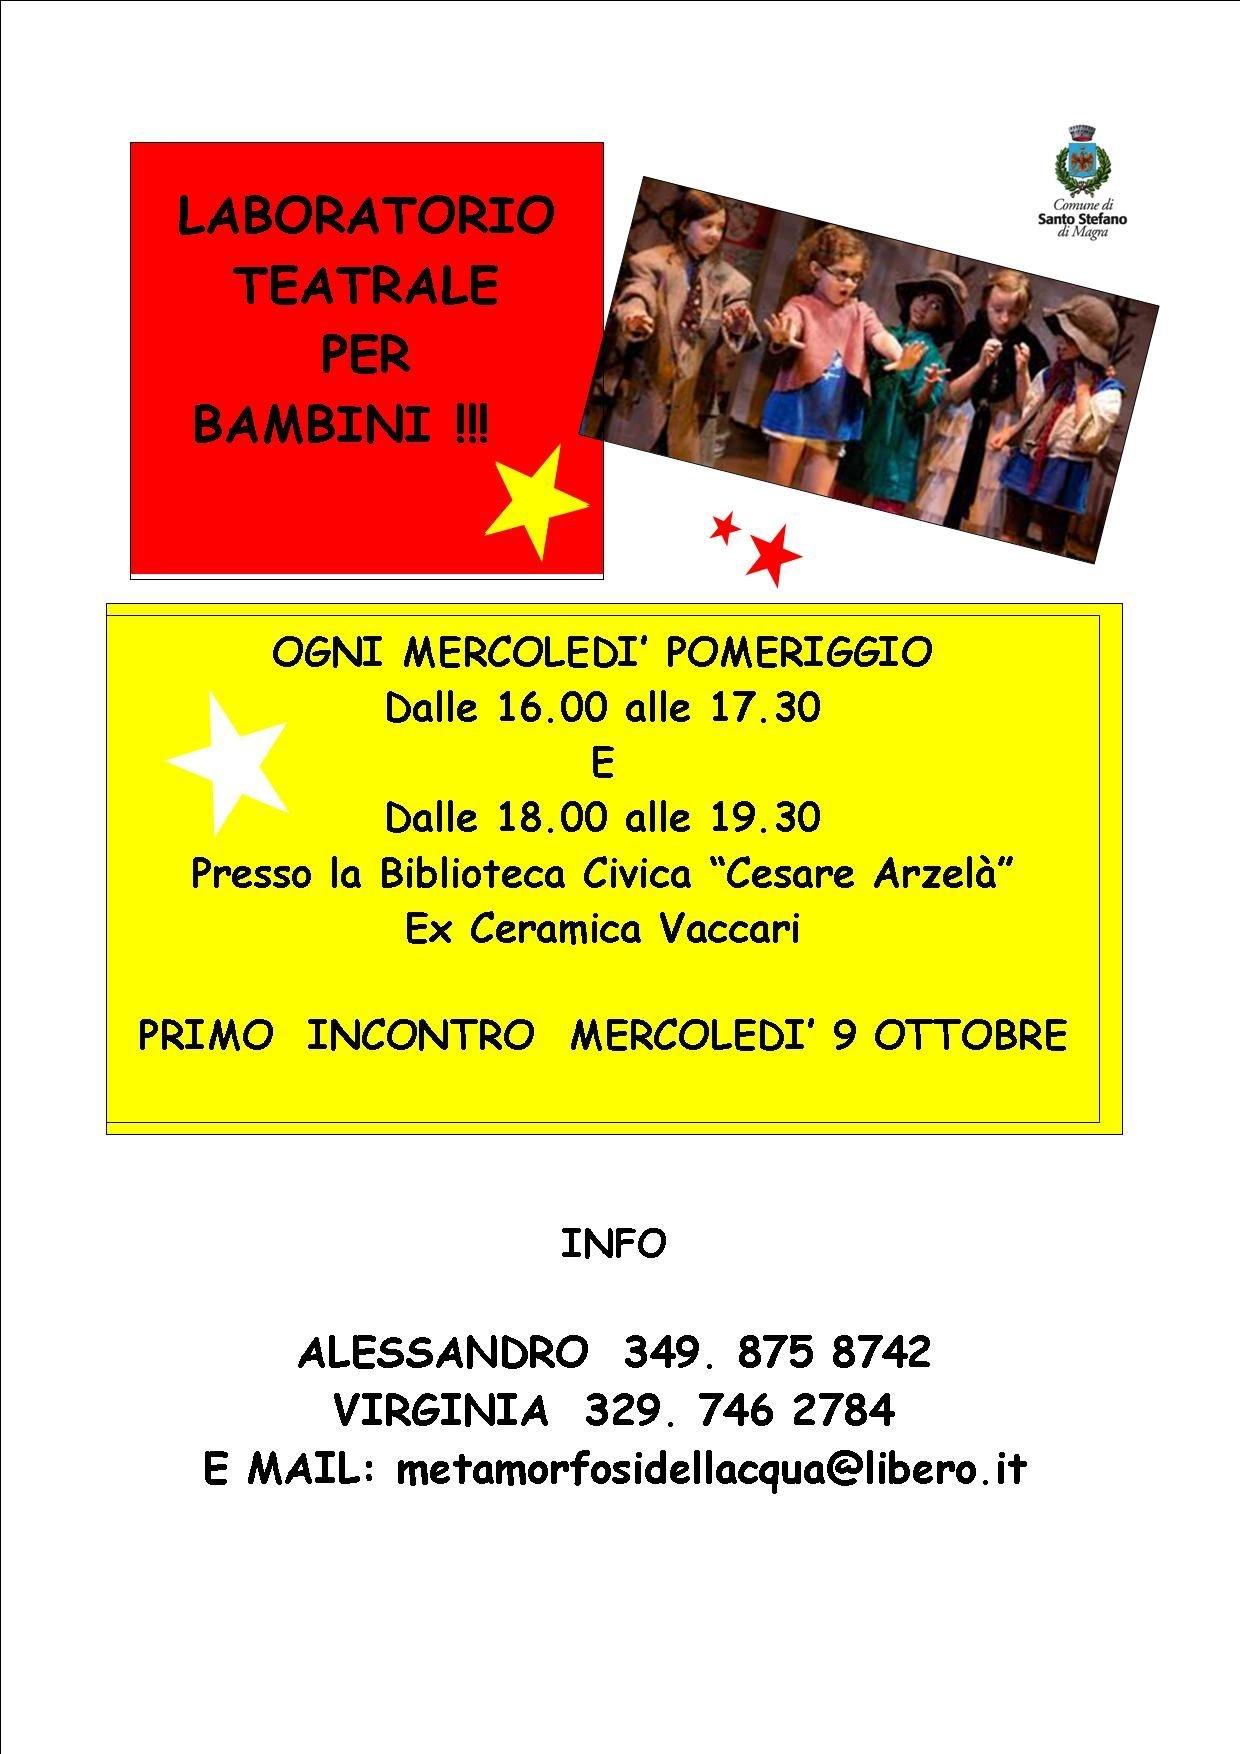 Guarda questa foto sull'evento Corsi di teatro per bambini e adulti a Santo Stefano di Magra